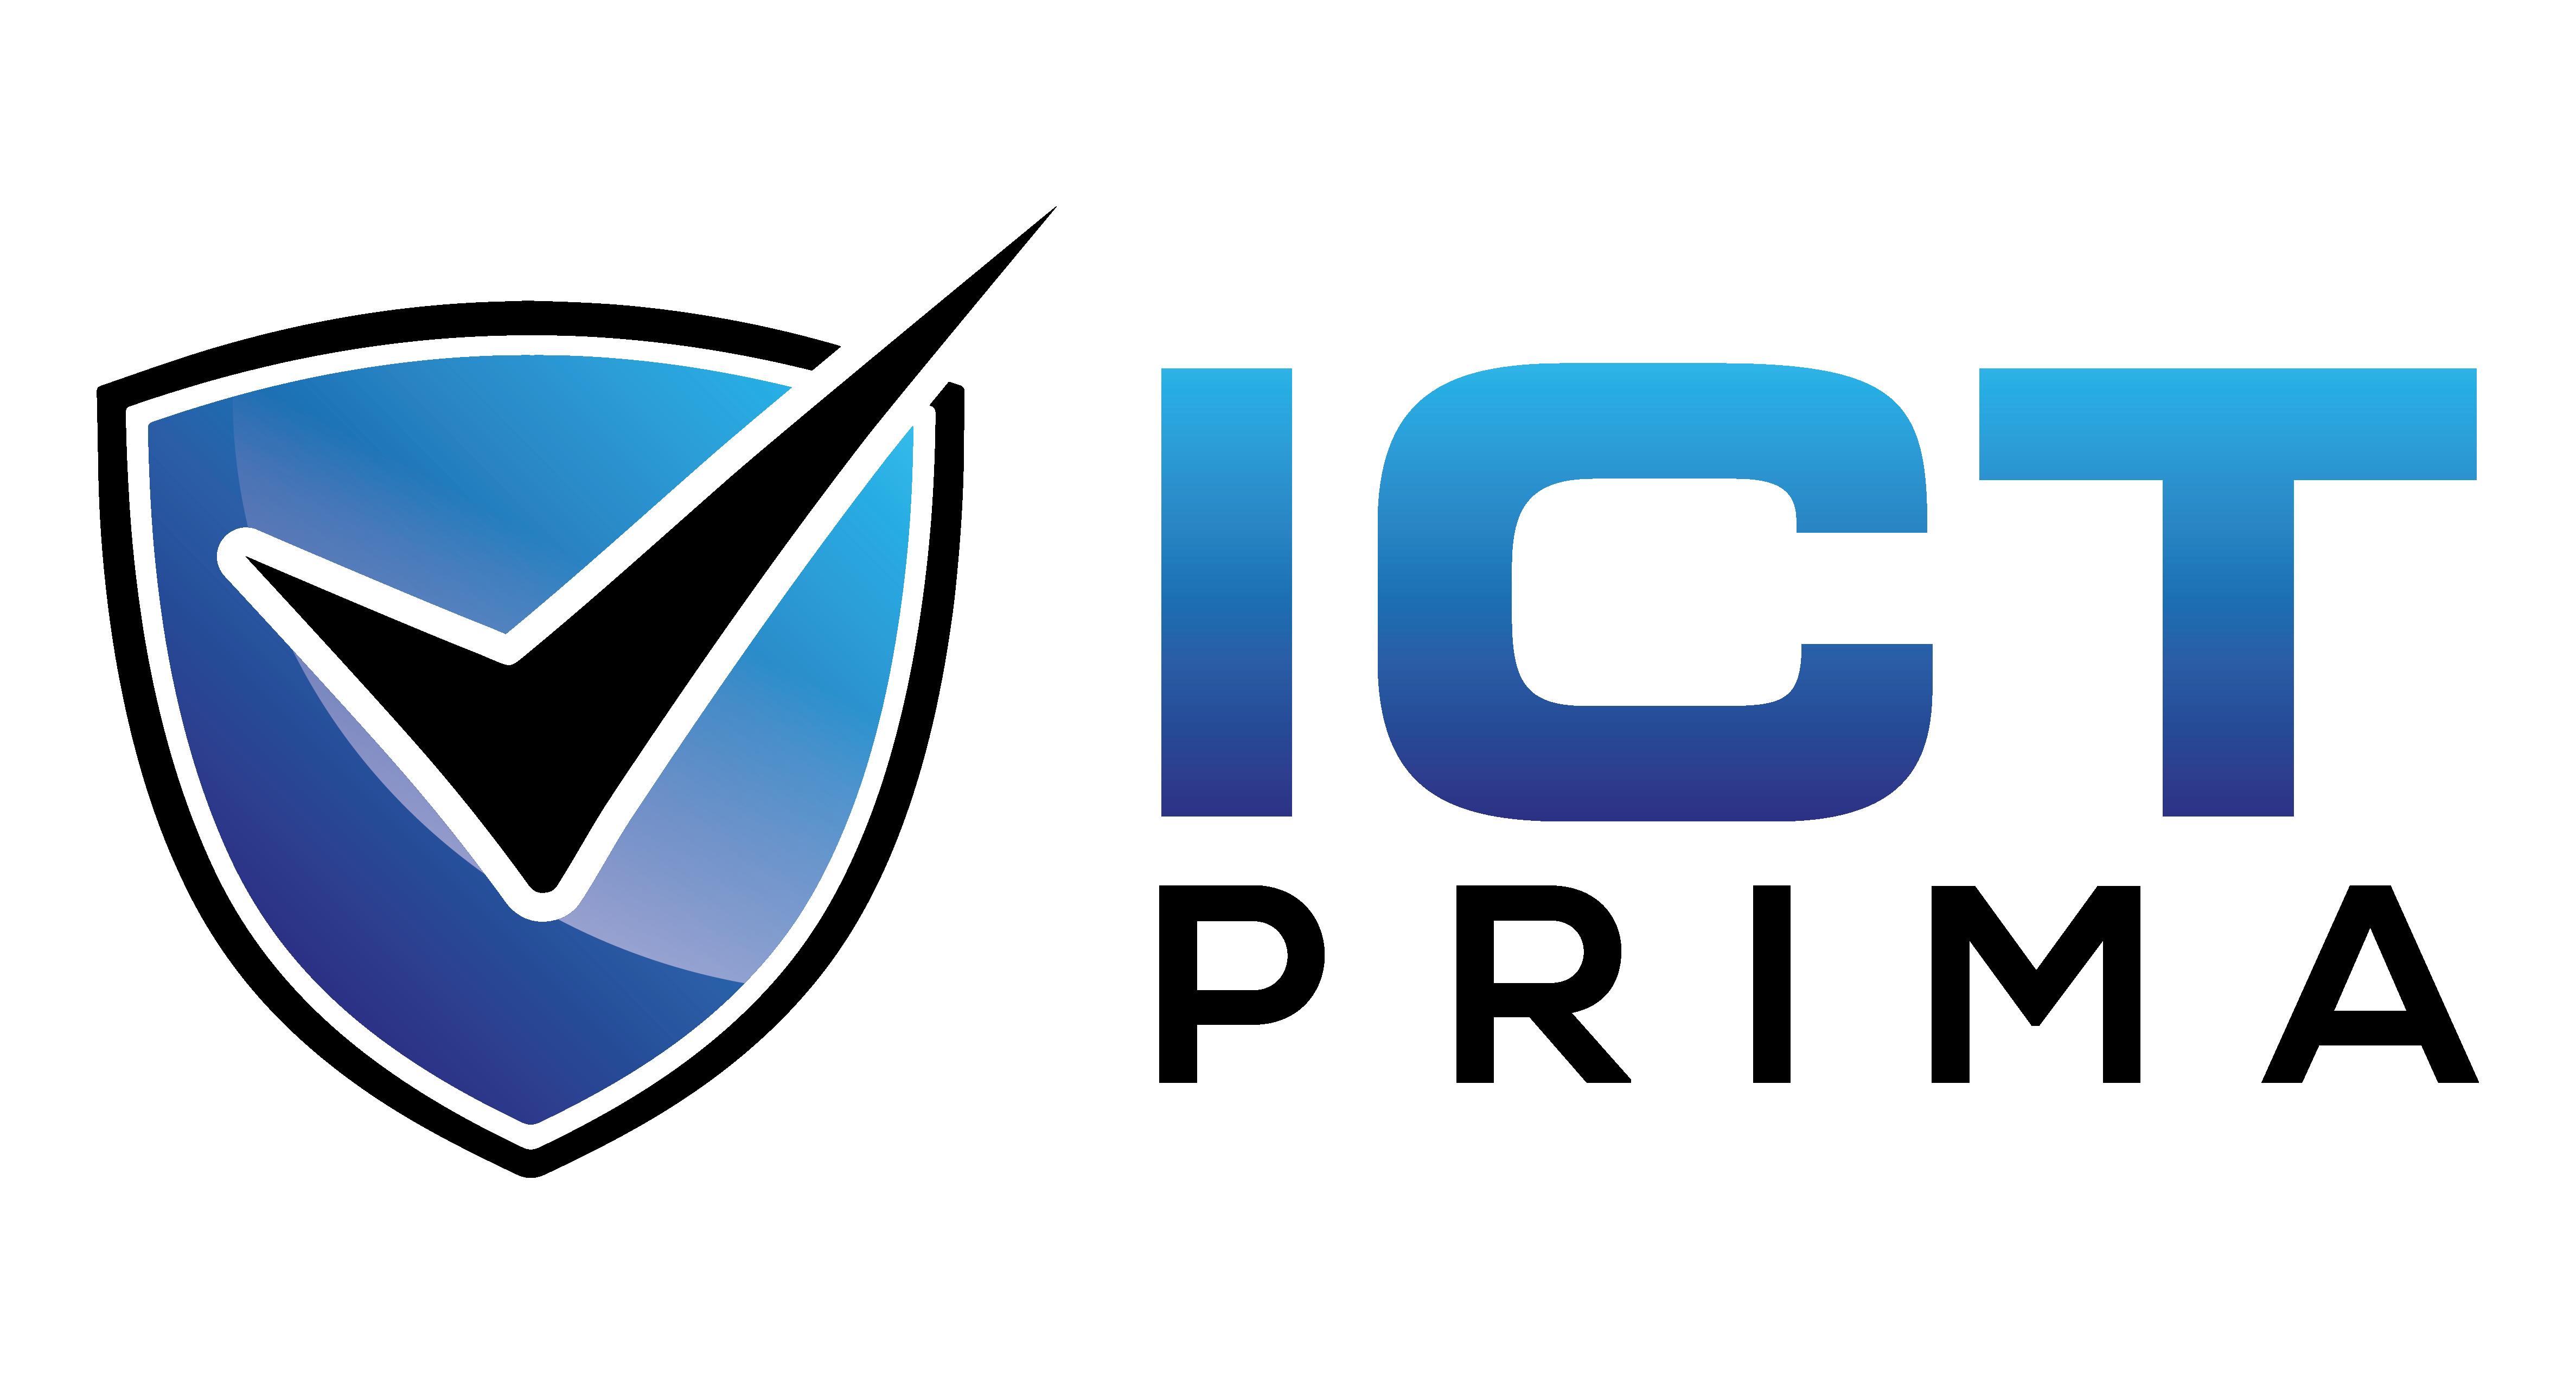 = Prima ICT